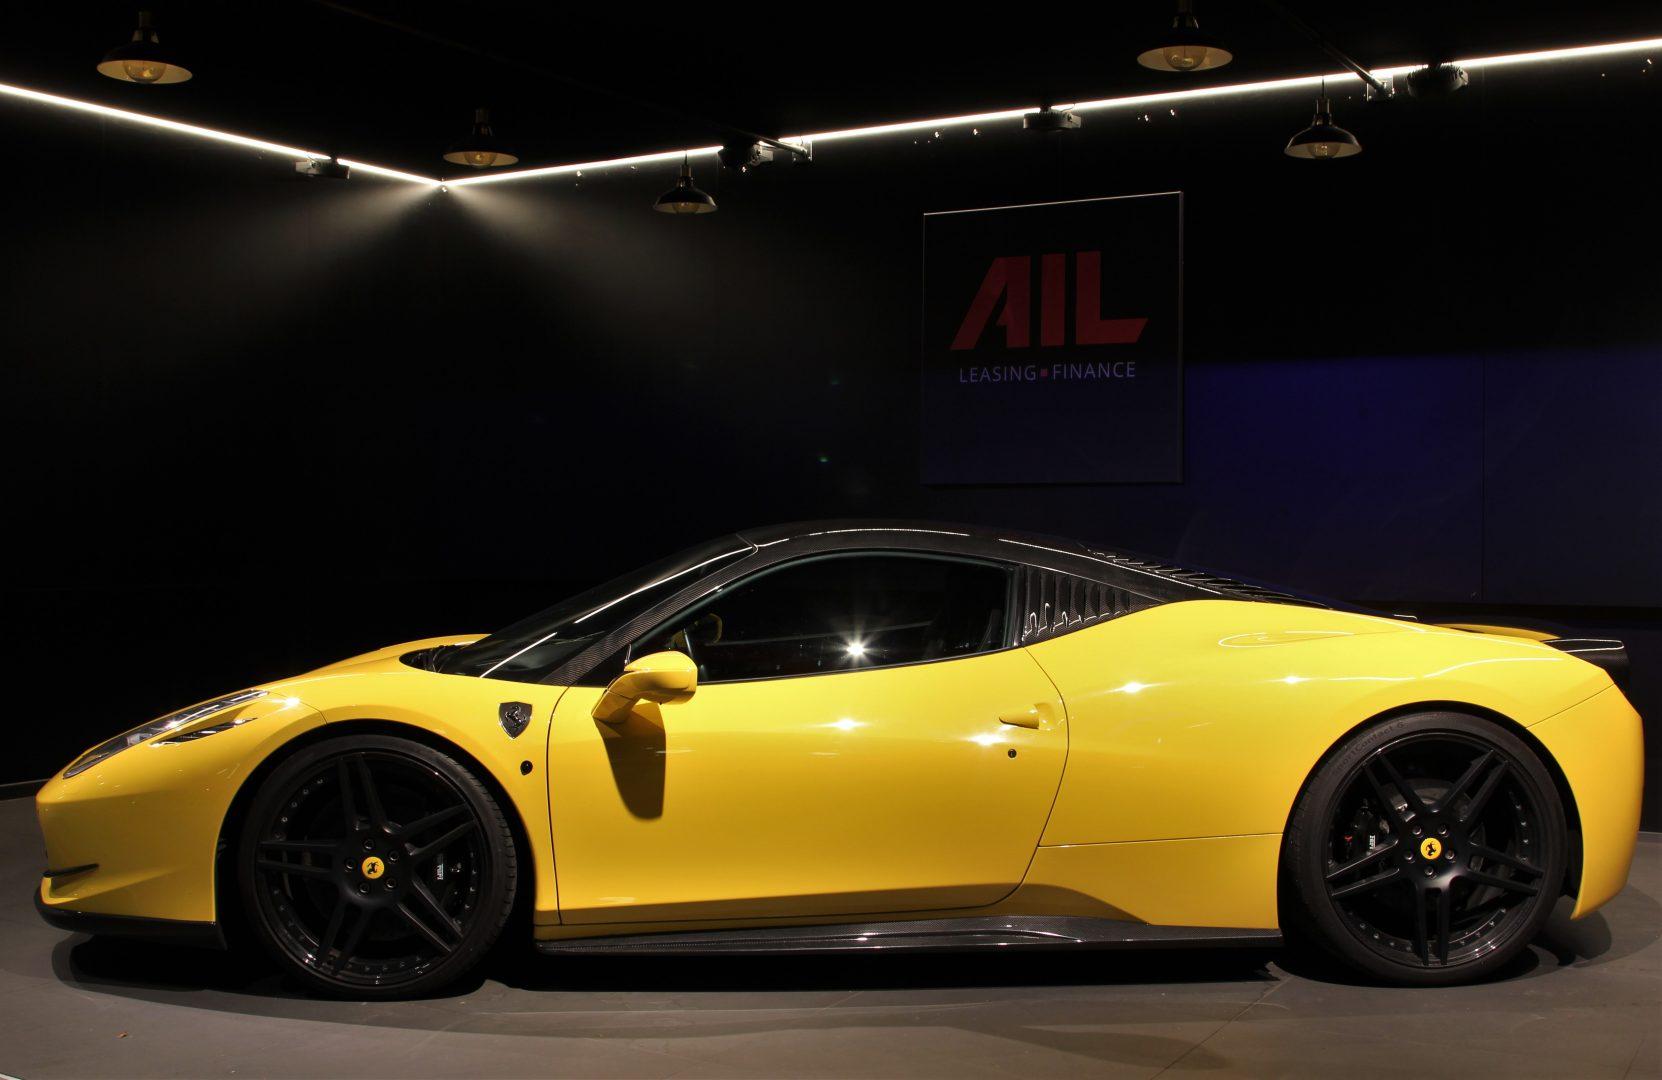 AIL Ferrari 458 Italia Novitec Lift 9